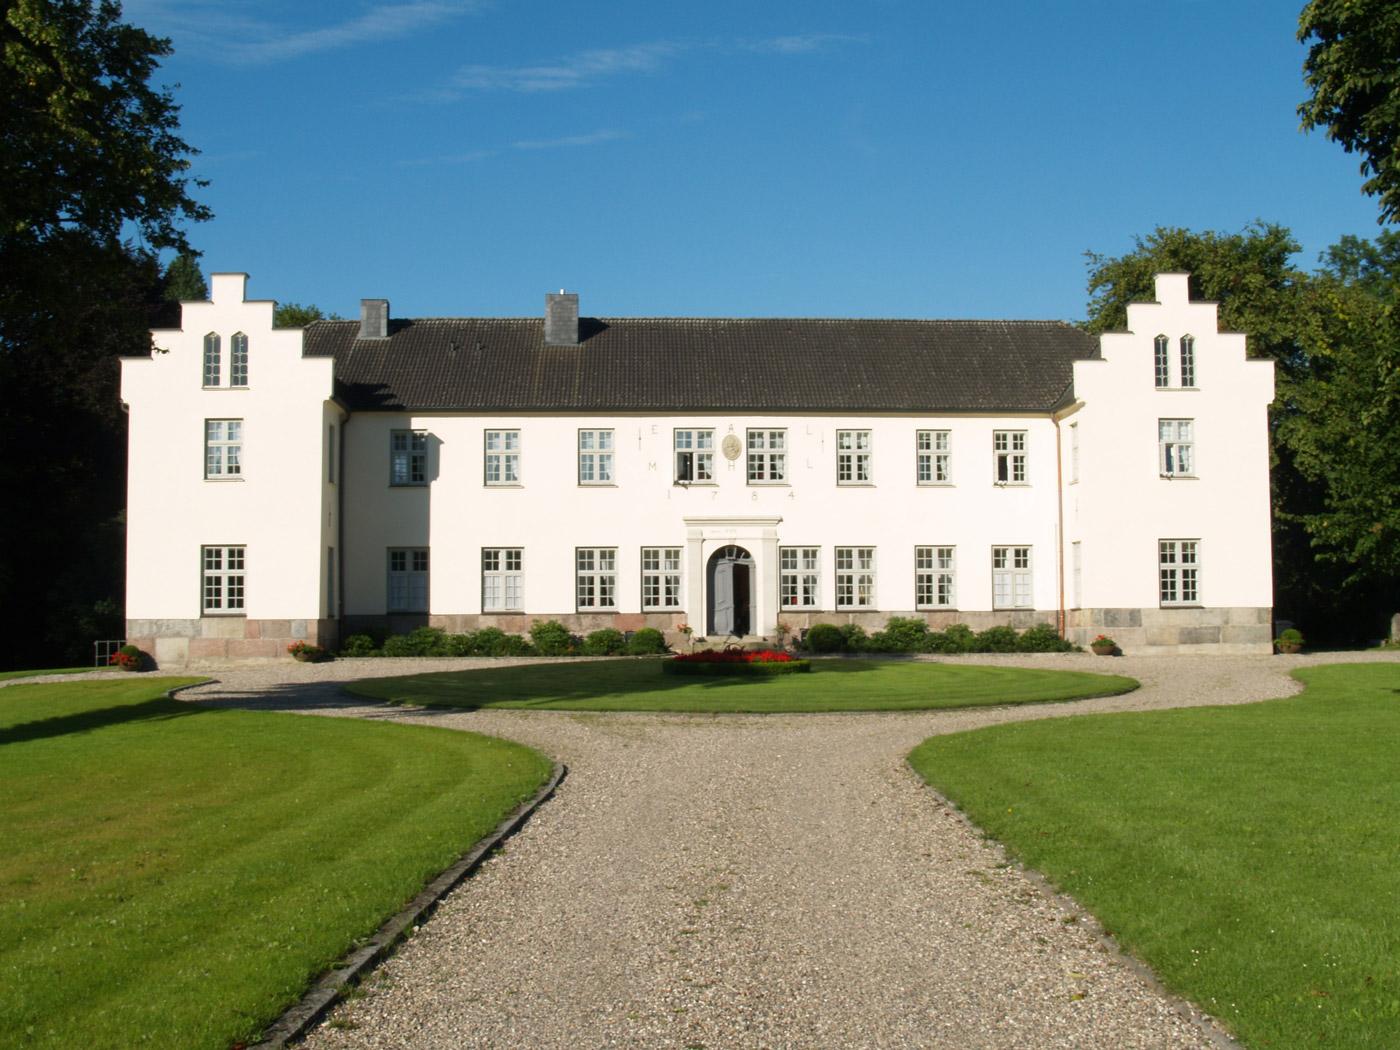 05-04-Umbau-und-Sanierung-Herrenhaus-Gut-Siggen-(5)